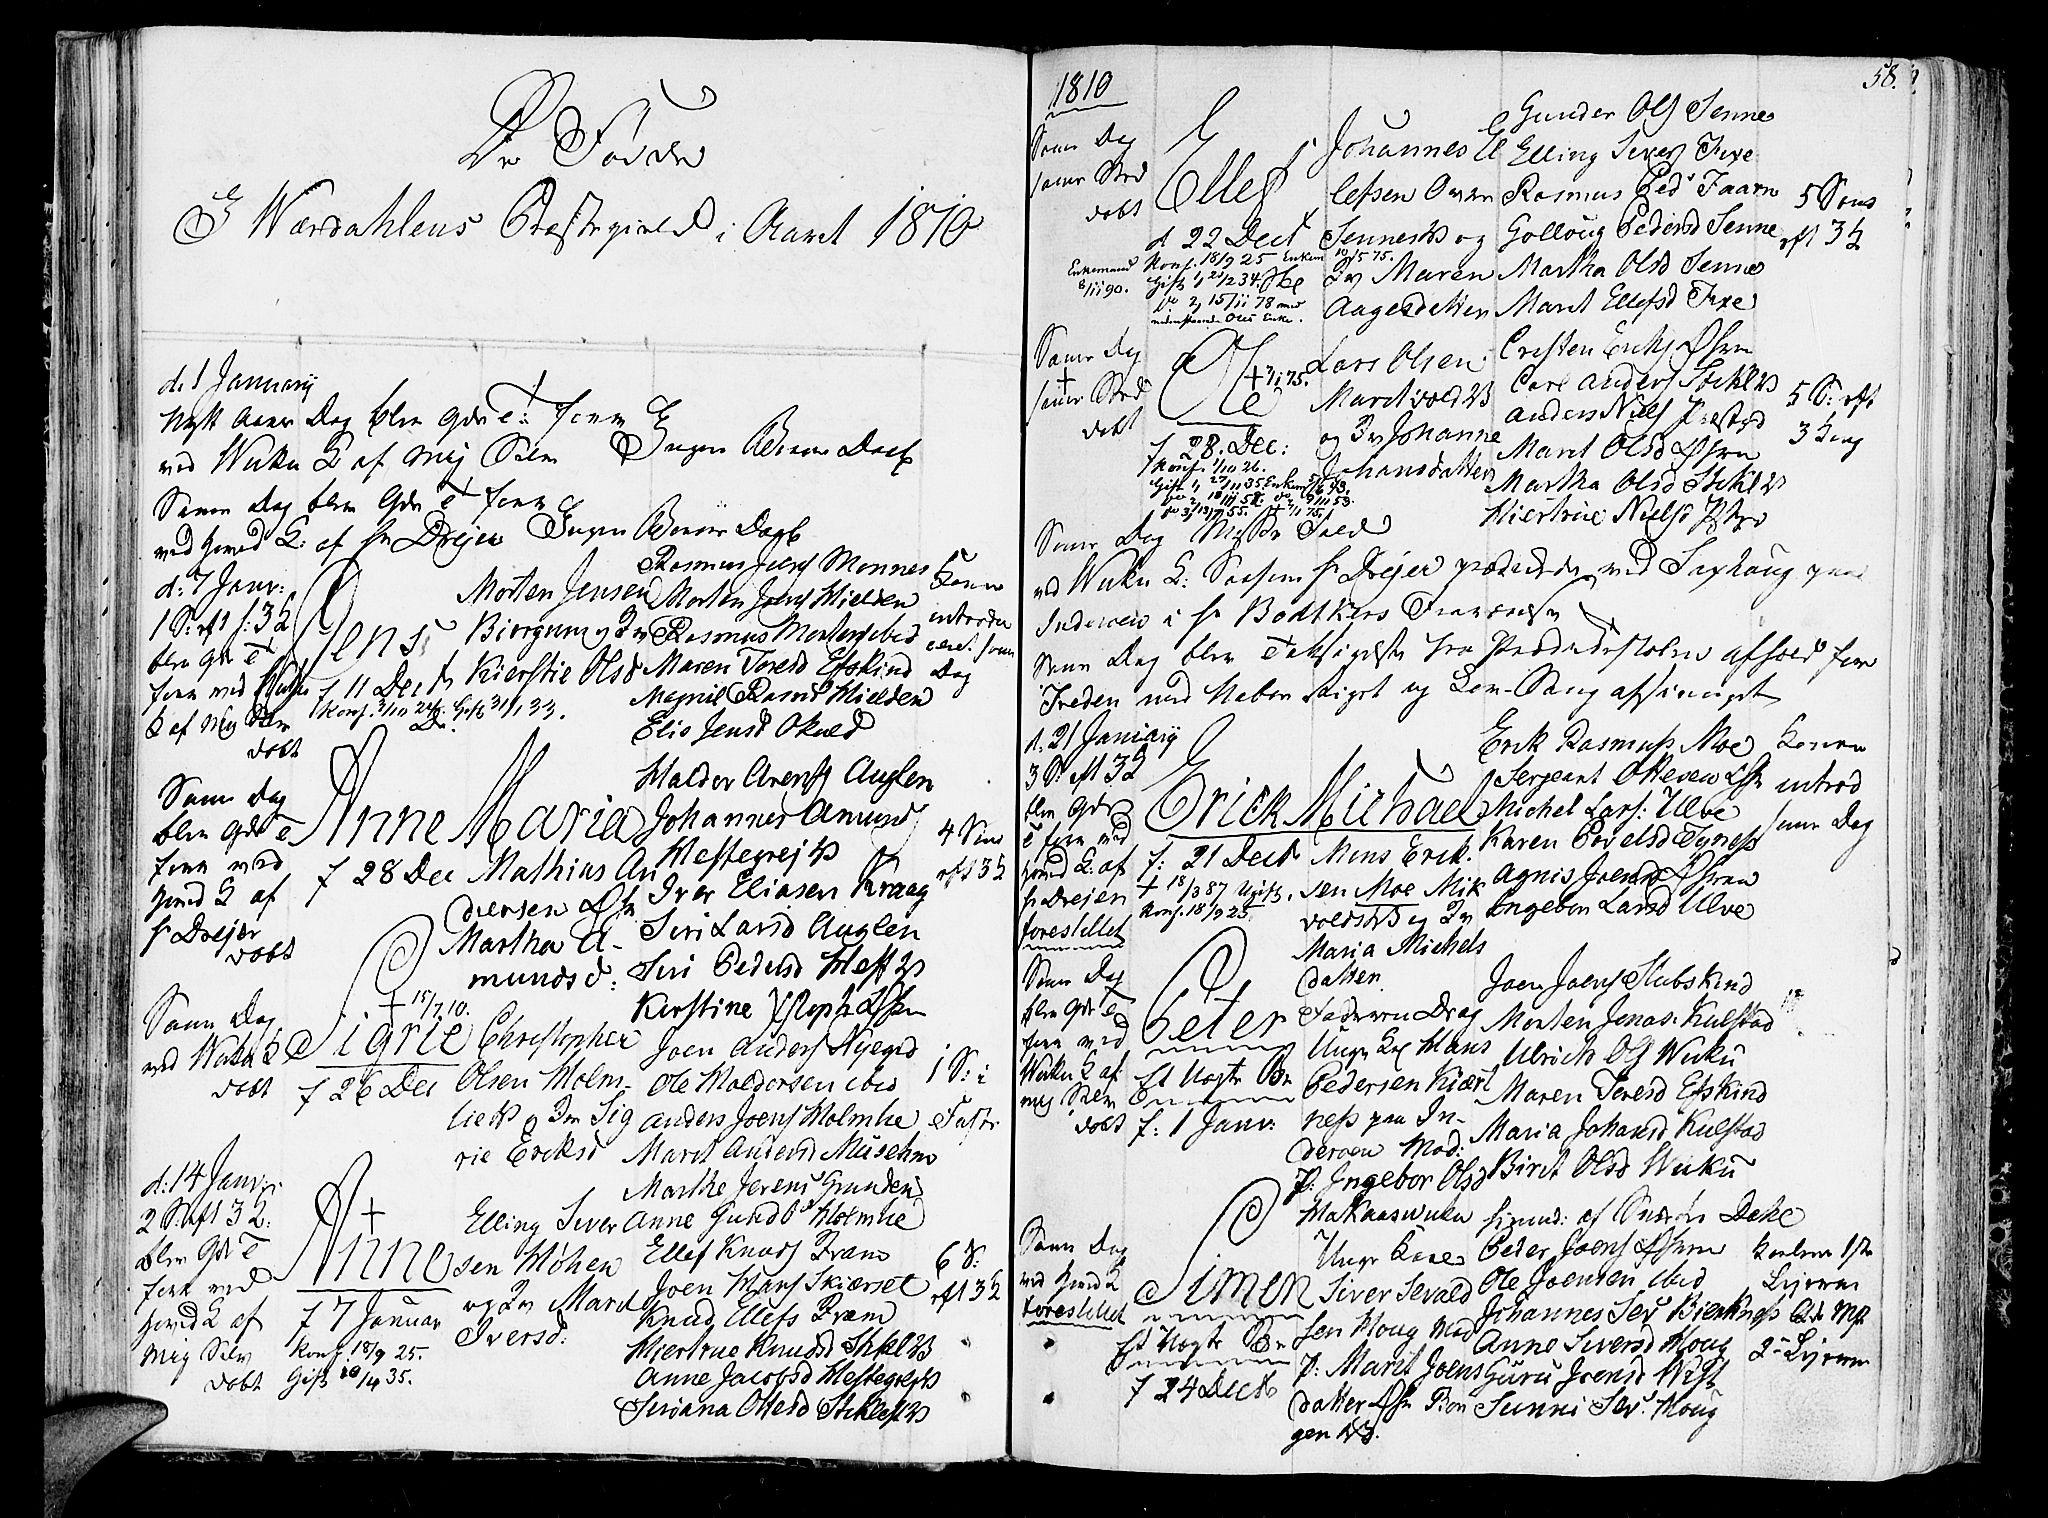 SAT, Ministerialprotokoller, klokkerbøker og fødselsregistre - Nord-Trøndelag, 723/L0233: Ministerialbok nr. 723A04, 1805-1816, s. 58